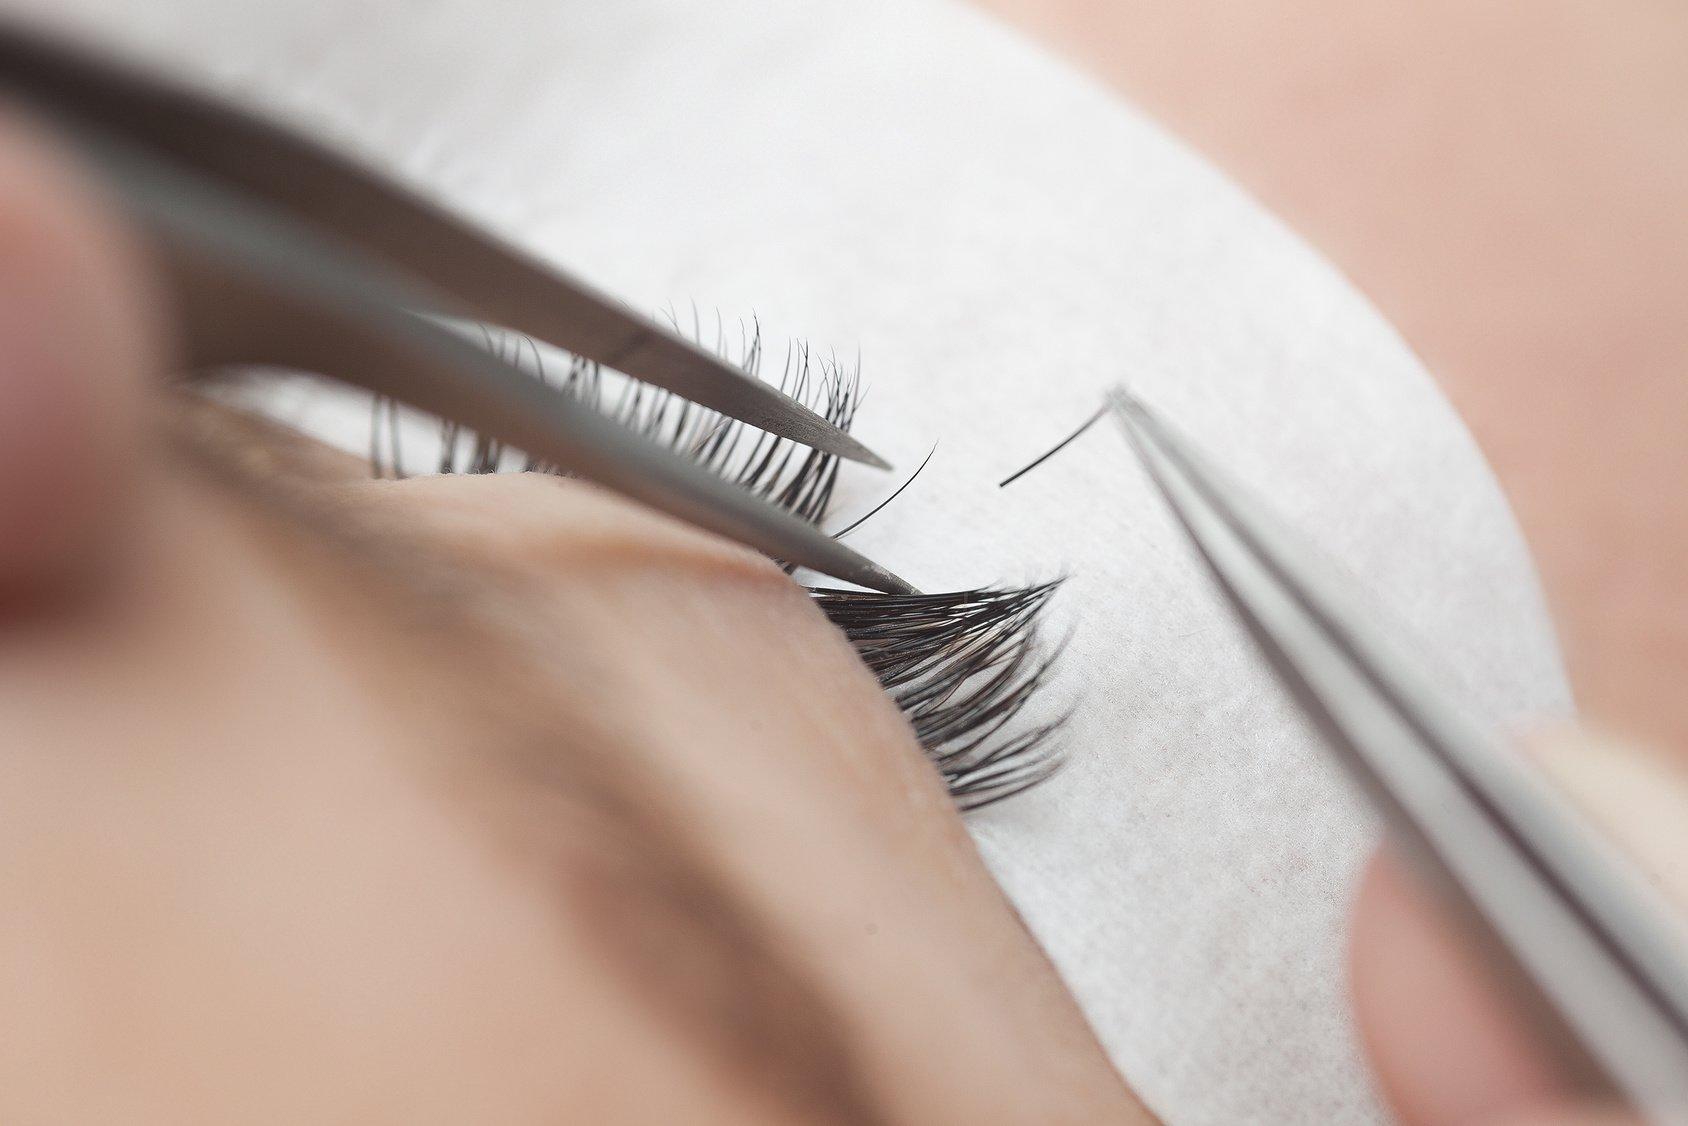 Wimpernverlangerung Vorteile Nachteile Sind Sie Wirklich Schadlich